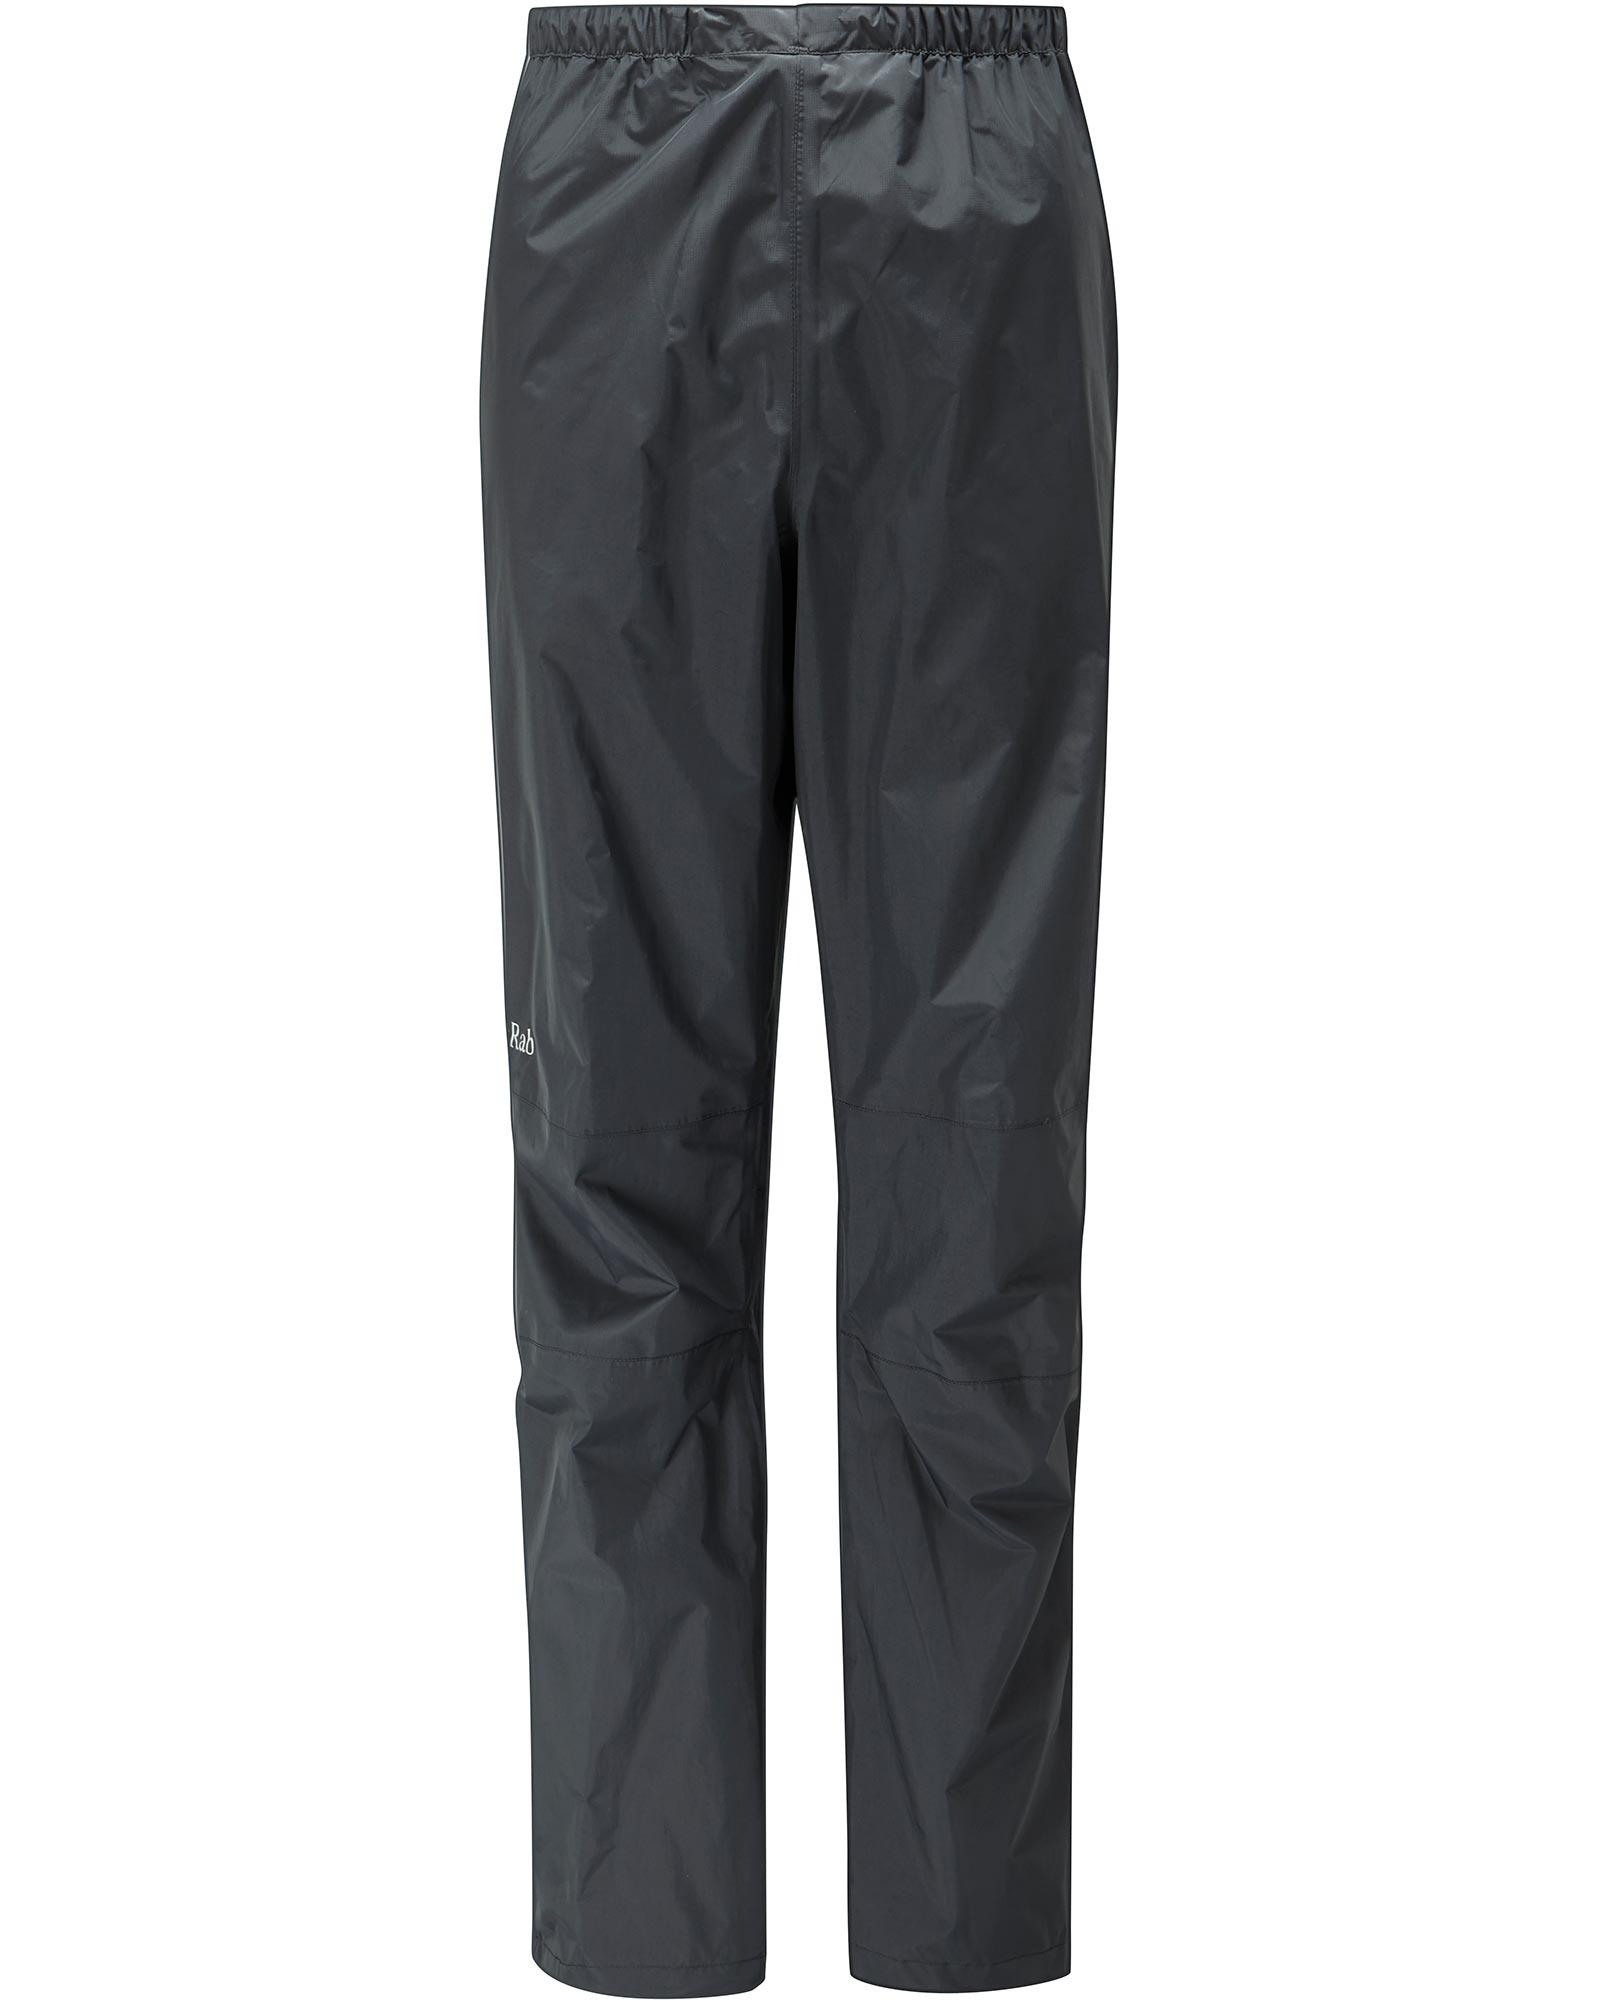 Rab Women's Downpour Pants 0